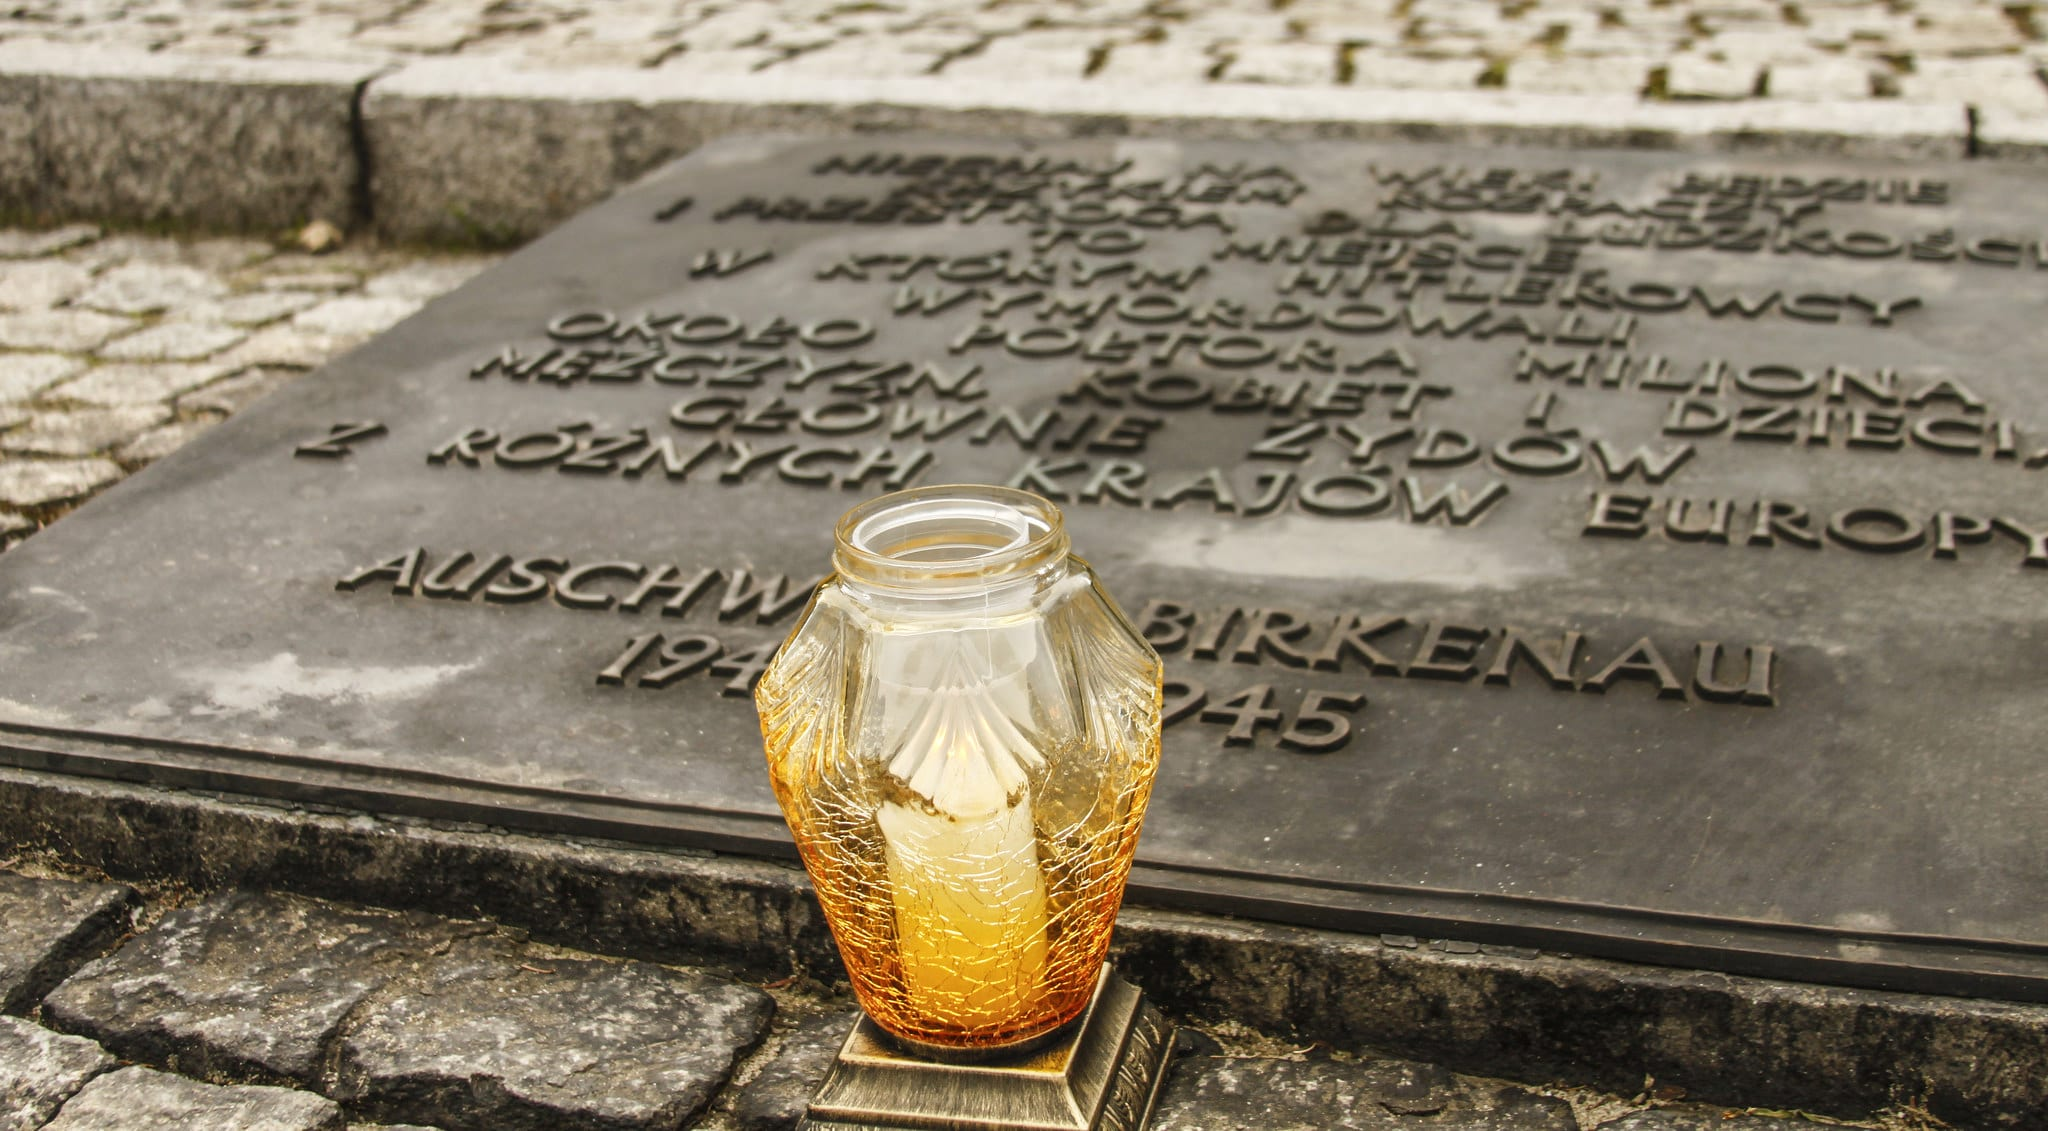 Auschwitz memorial